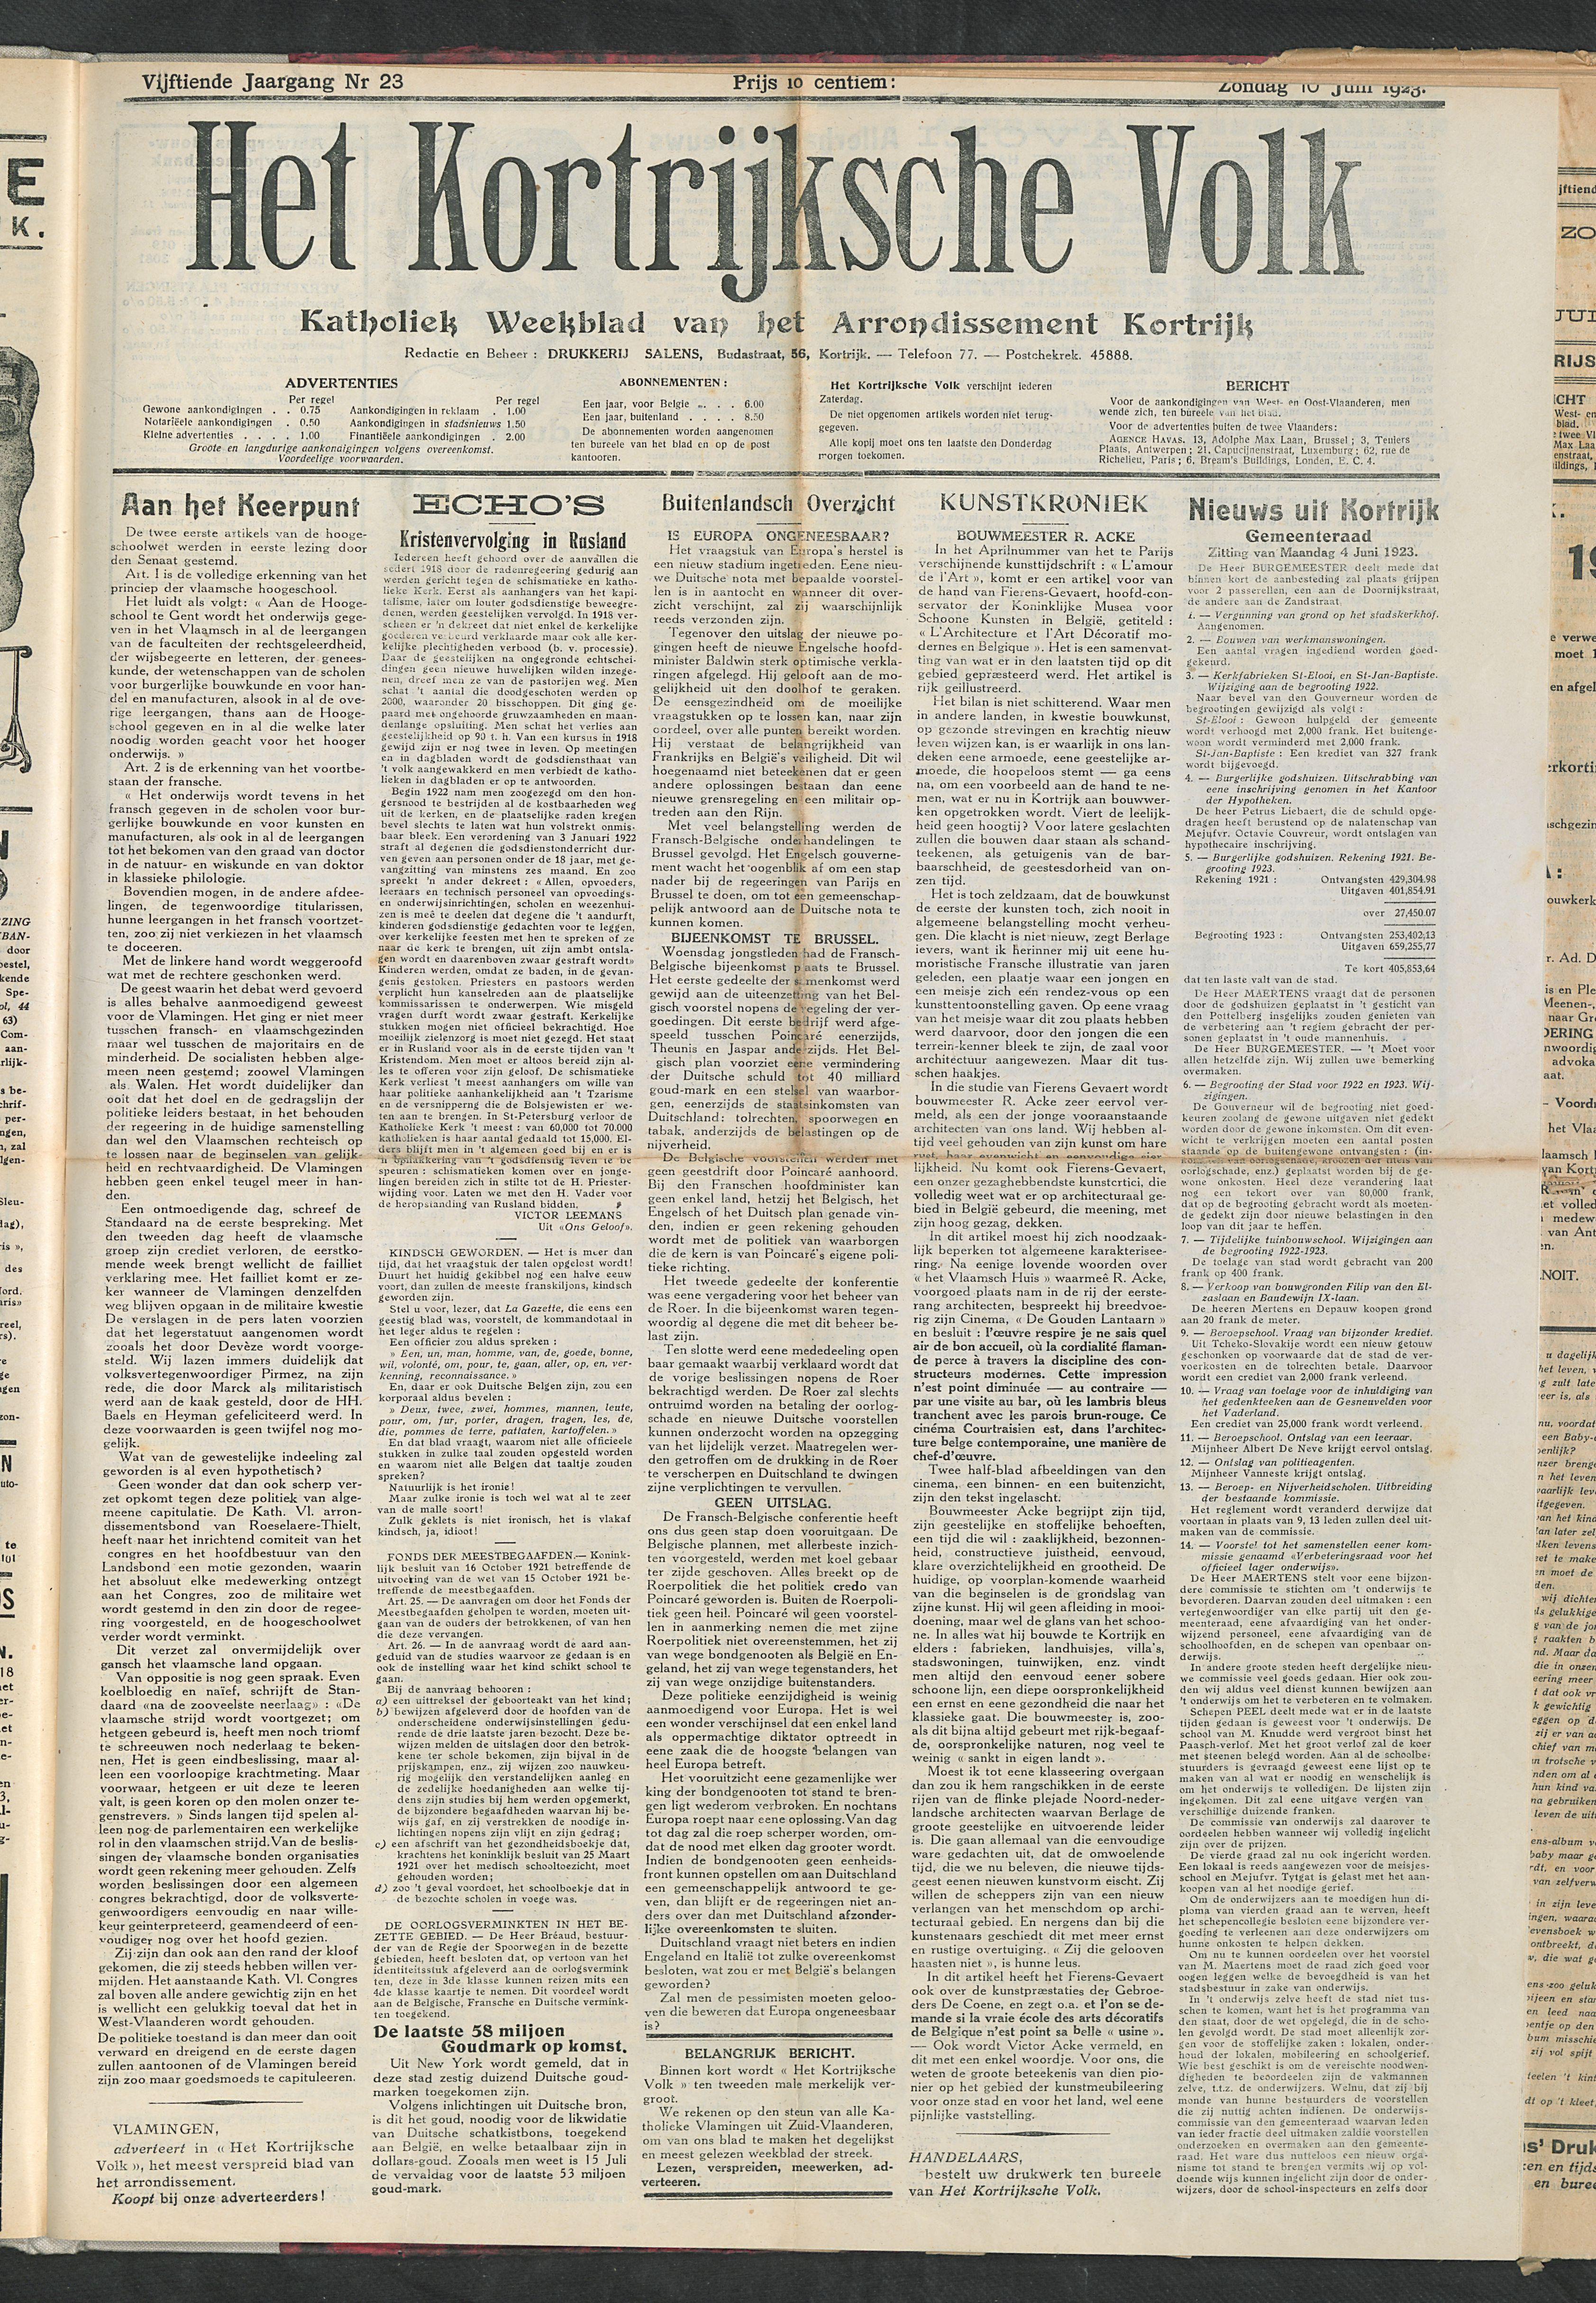 Het Kortrijksche Volk 1923-06-10 p1